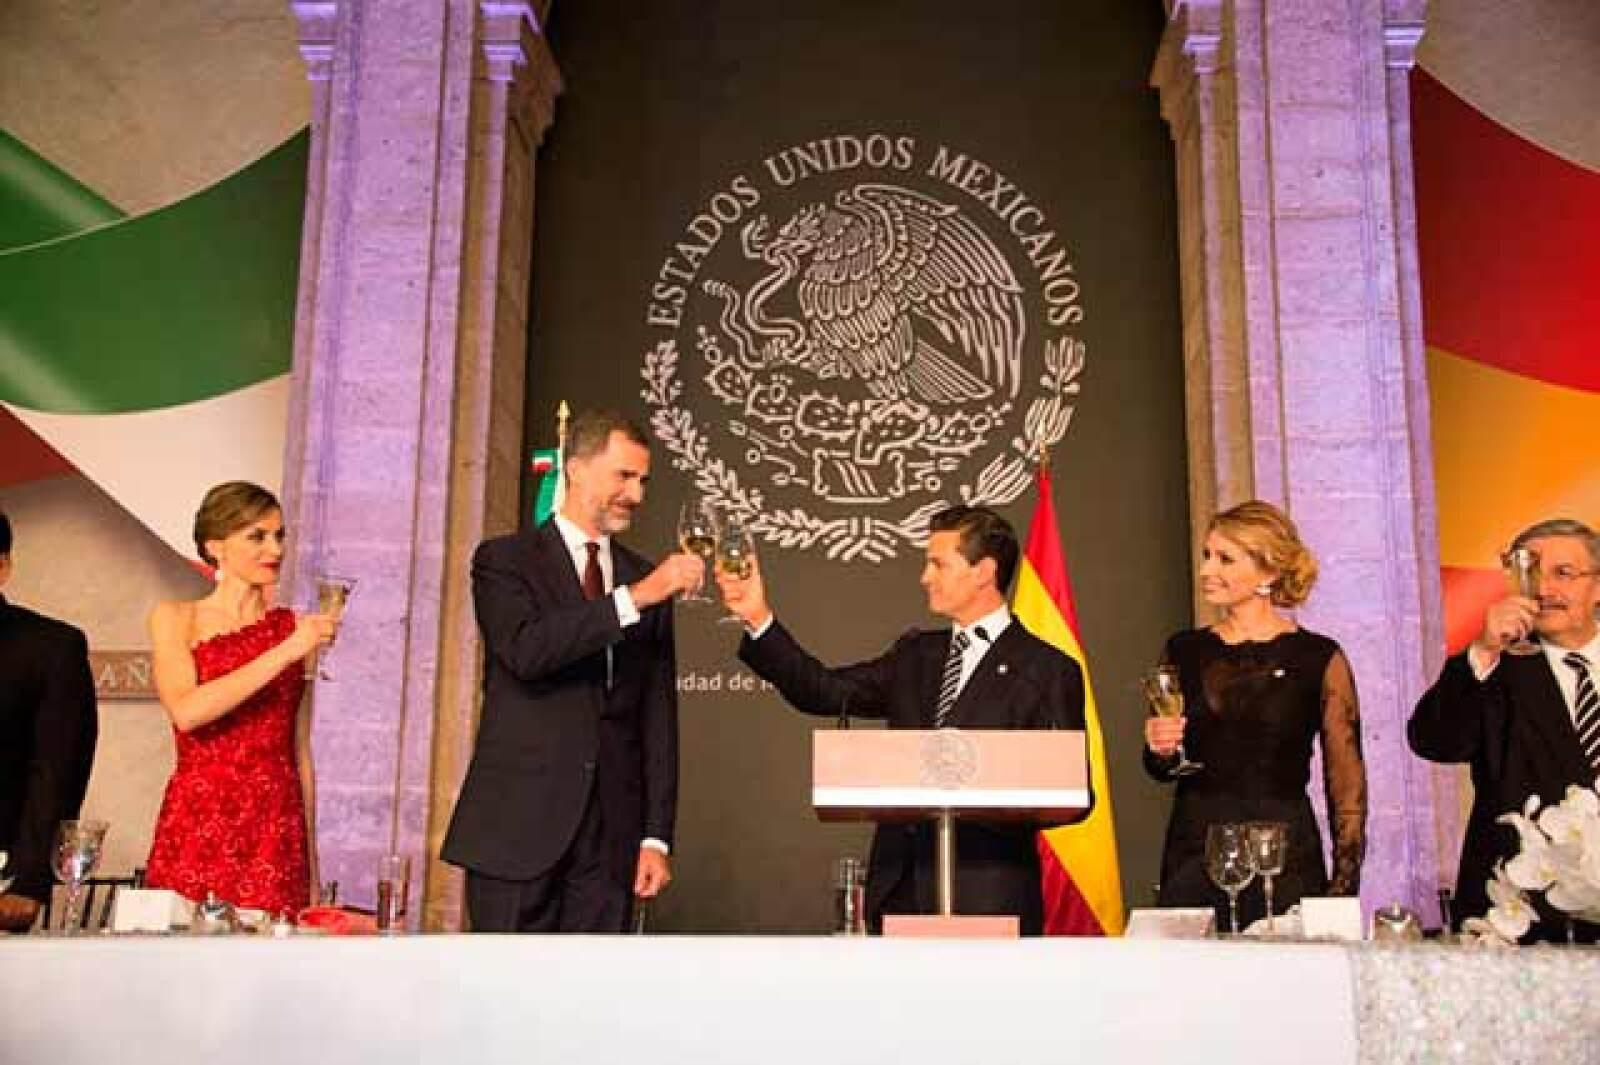 El rey y el mandatario mexicano ofrecieron un brindis por la relación entre ambas naciones.